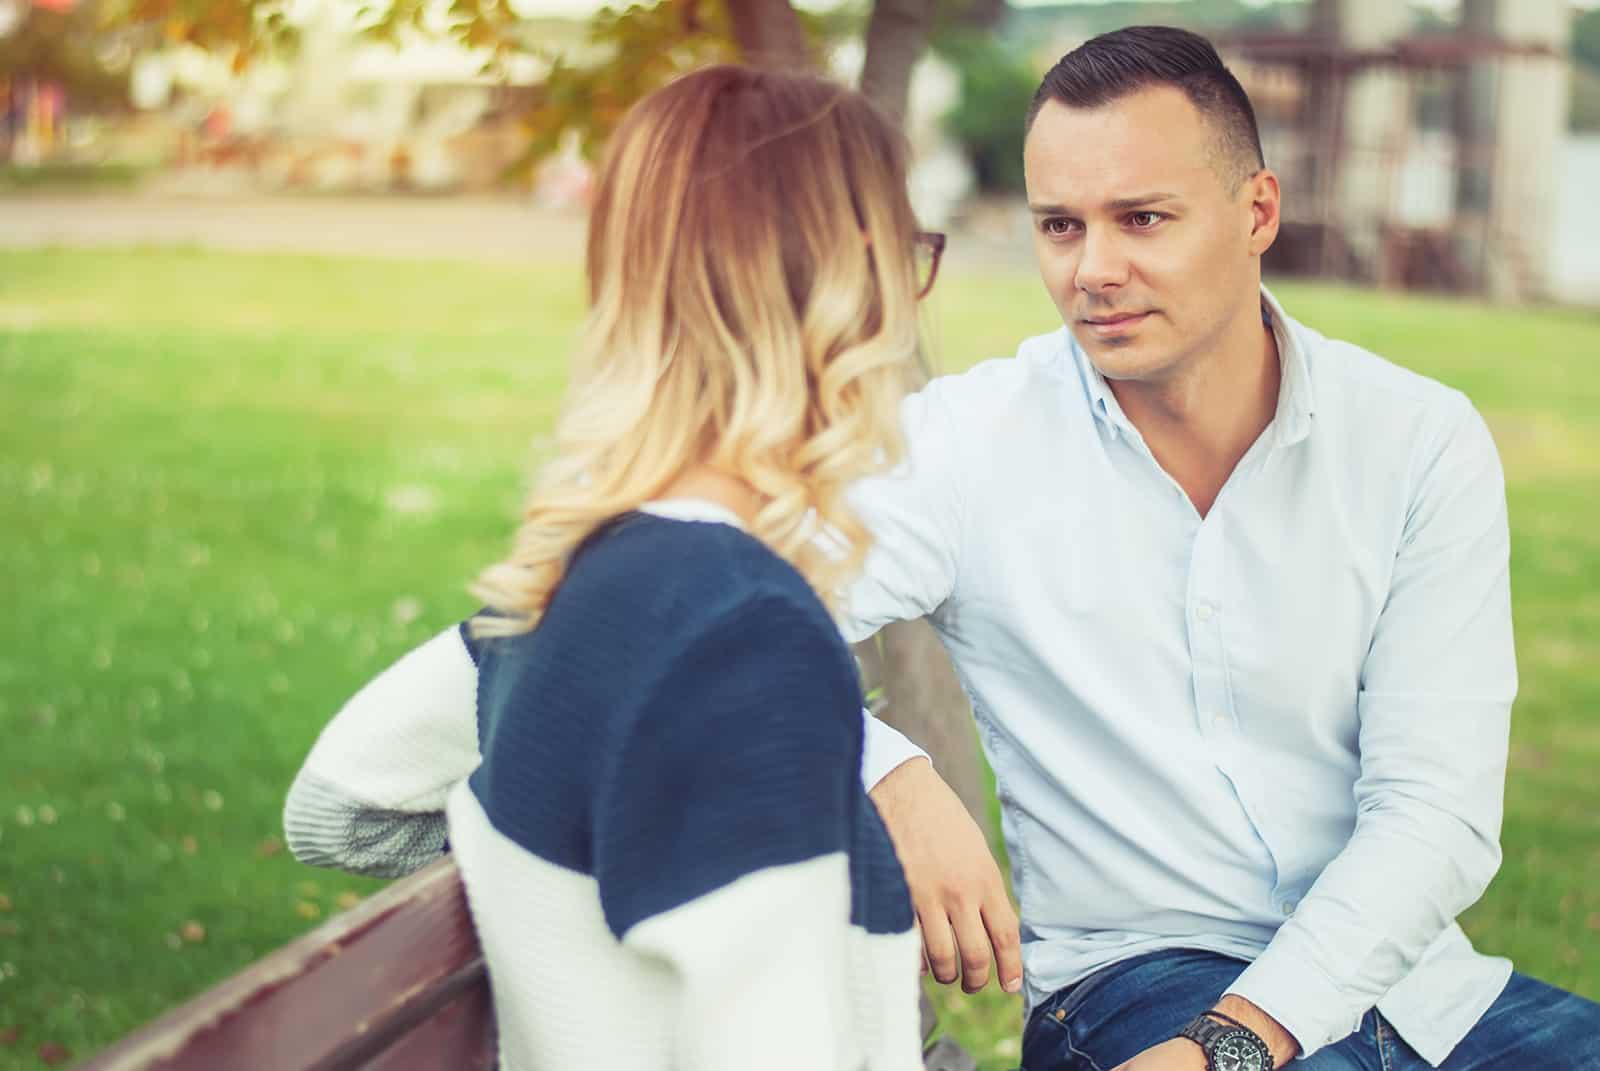 Mann und Frau sprechen auf der Bank im Park